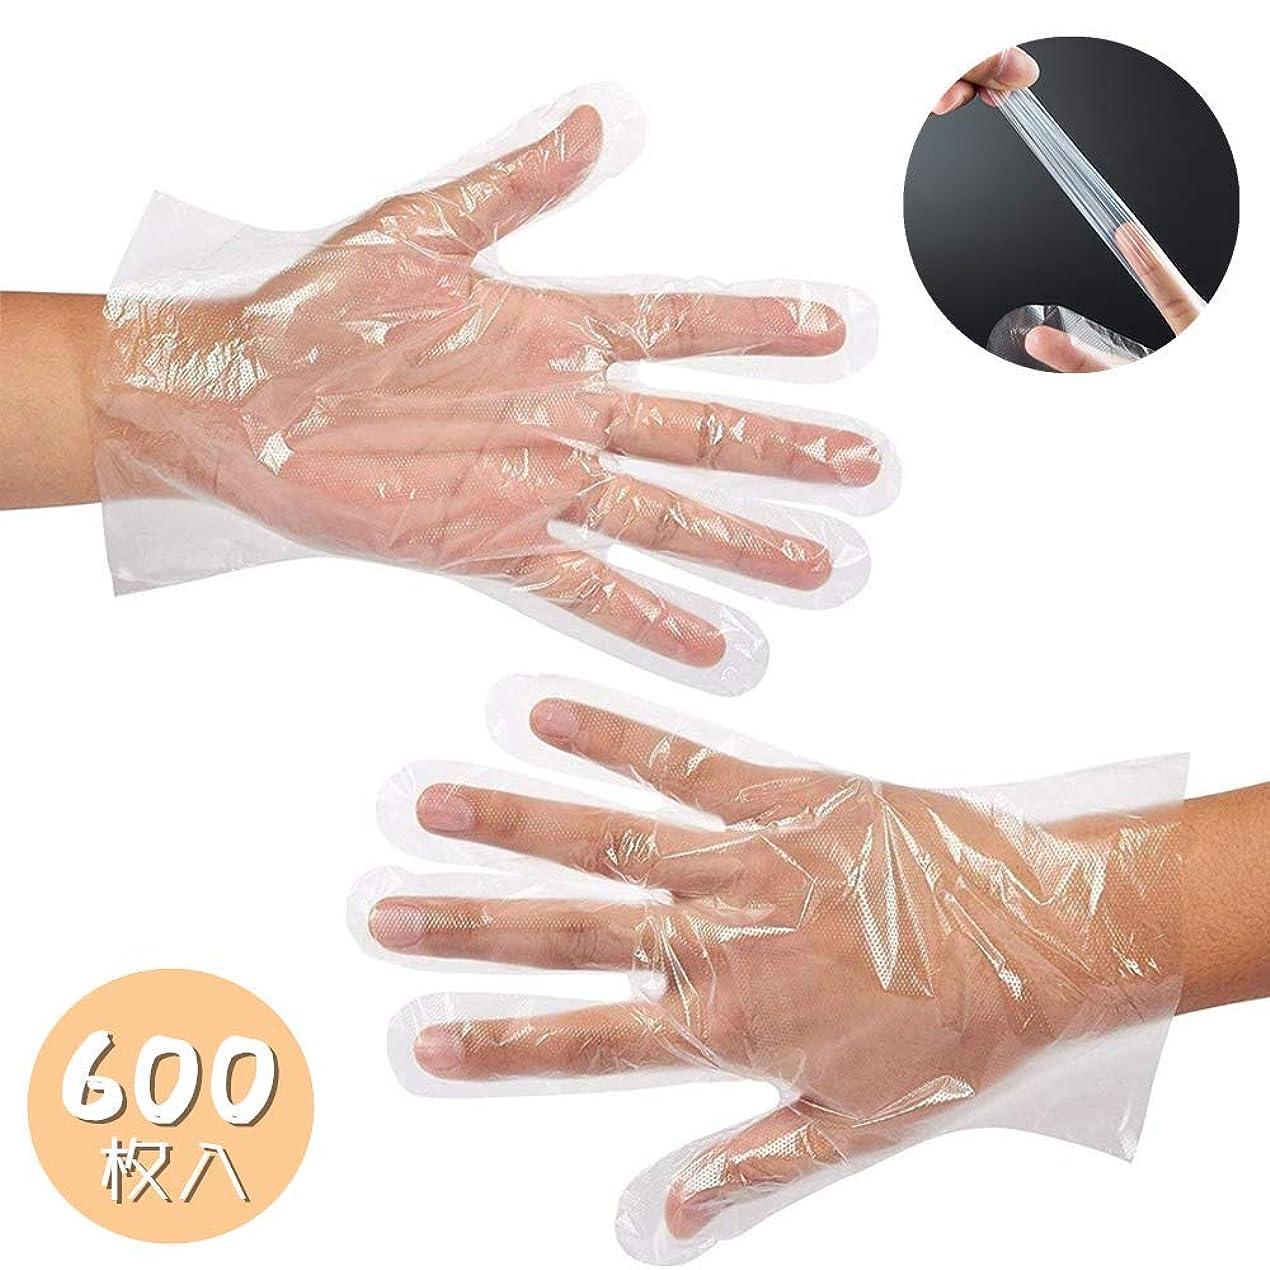 塊国大惨事使い捨て手袋 透明 極薄ビニール手袋 調理用 食品 実用 セット極薄手袋 調理に?お掃除に?毛染めに 食品衛生法適合 600枚入